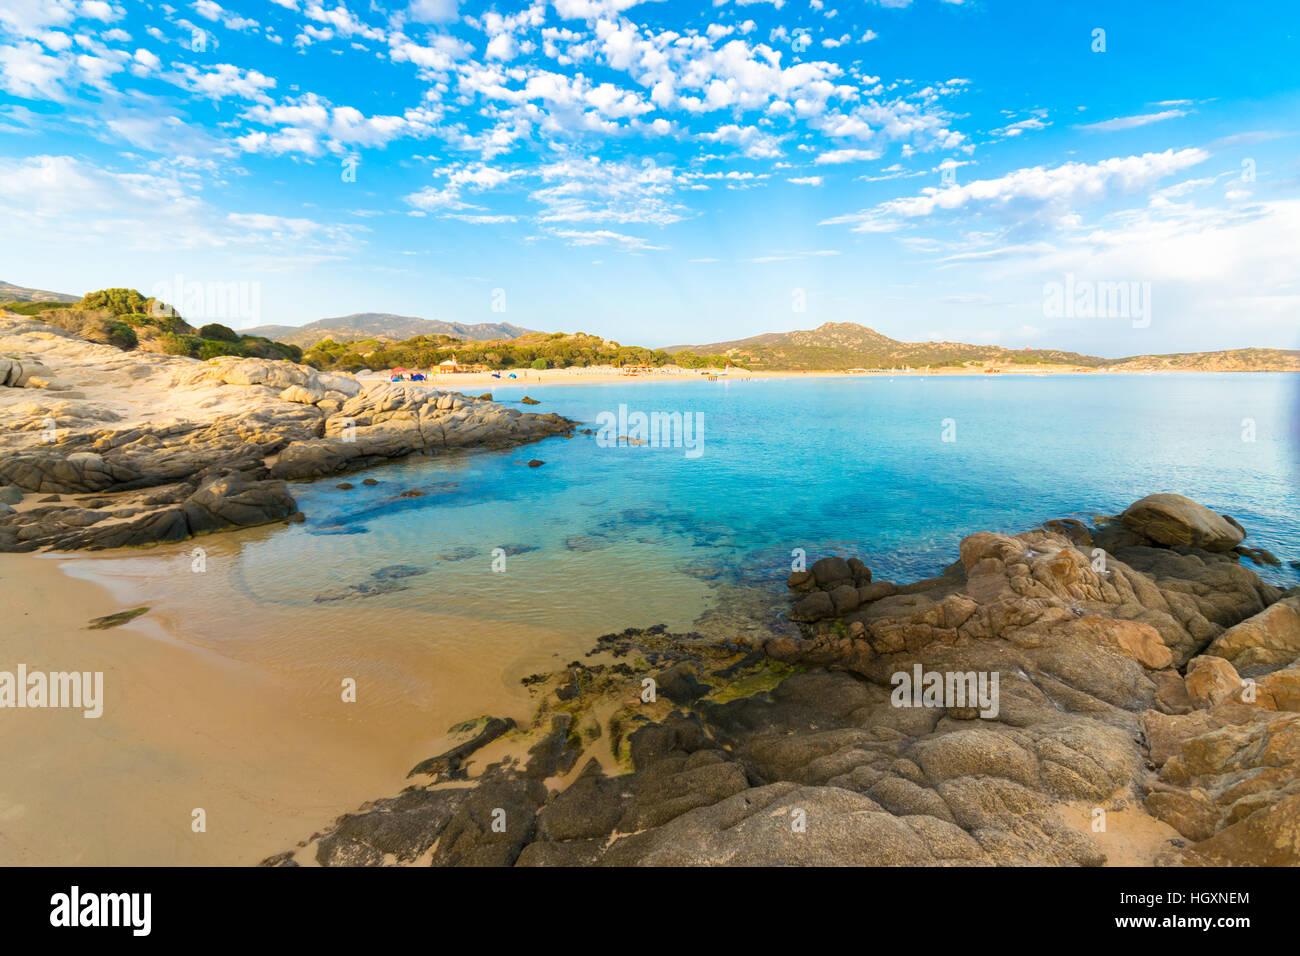 La mer et les plages de Chia, Sardaigne, île, Italie. Banque D'Images